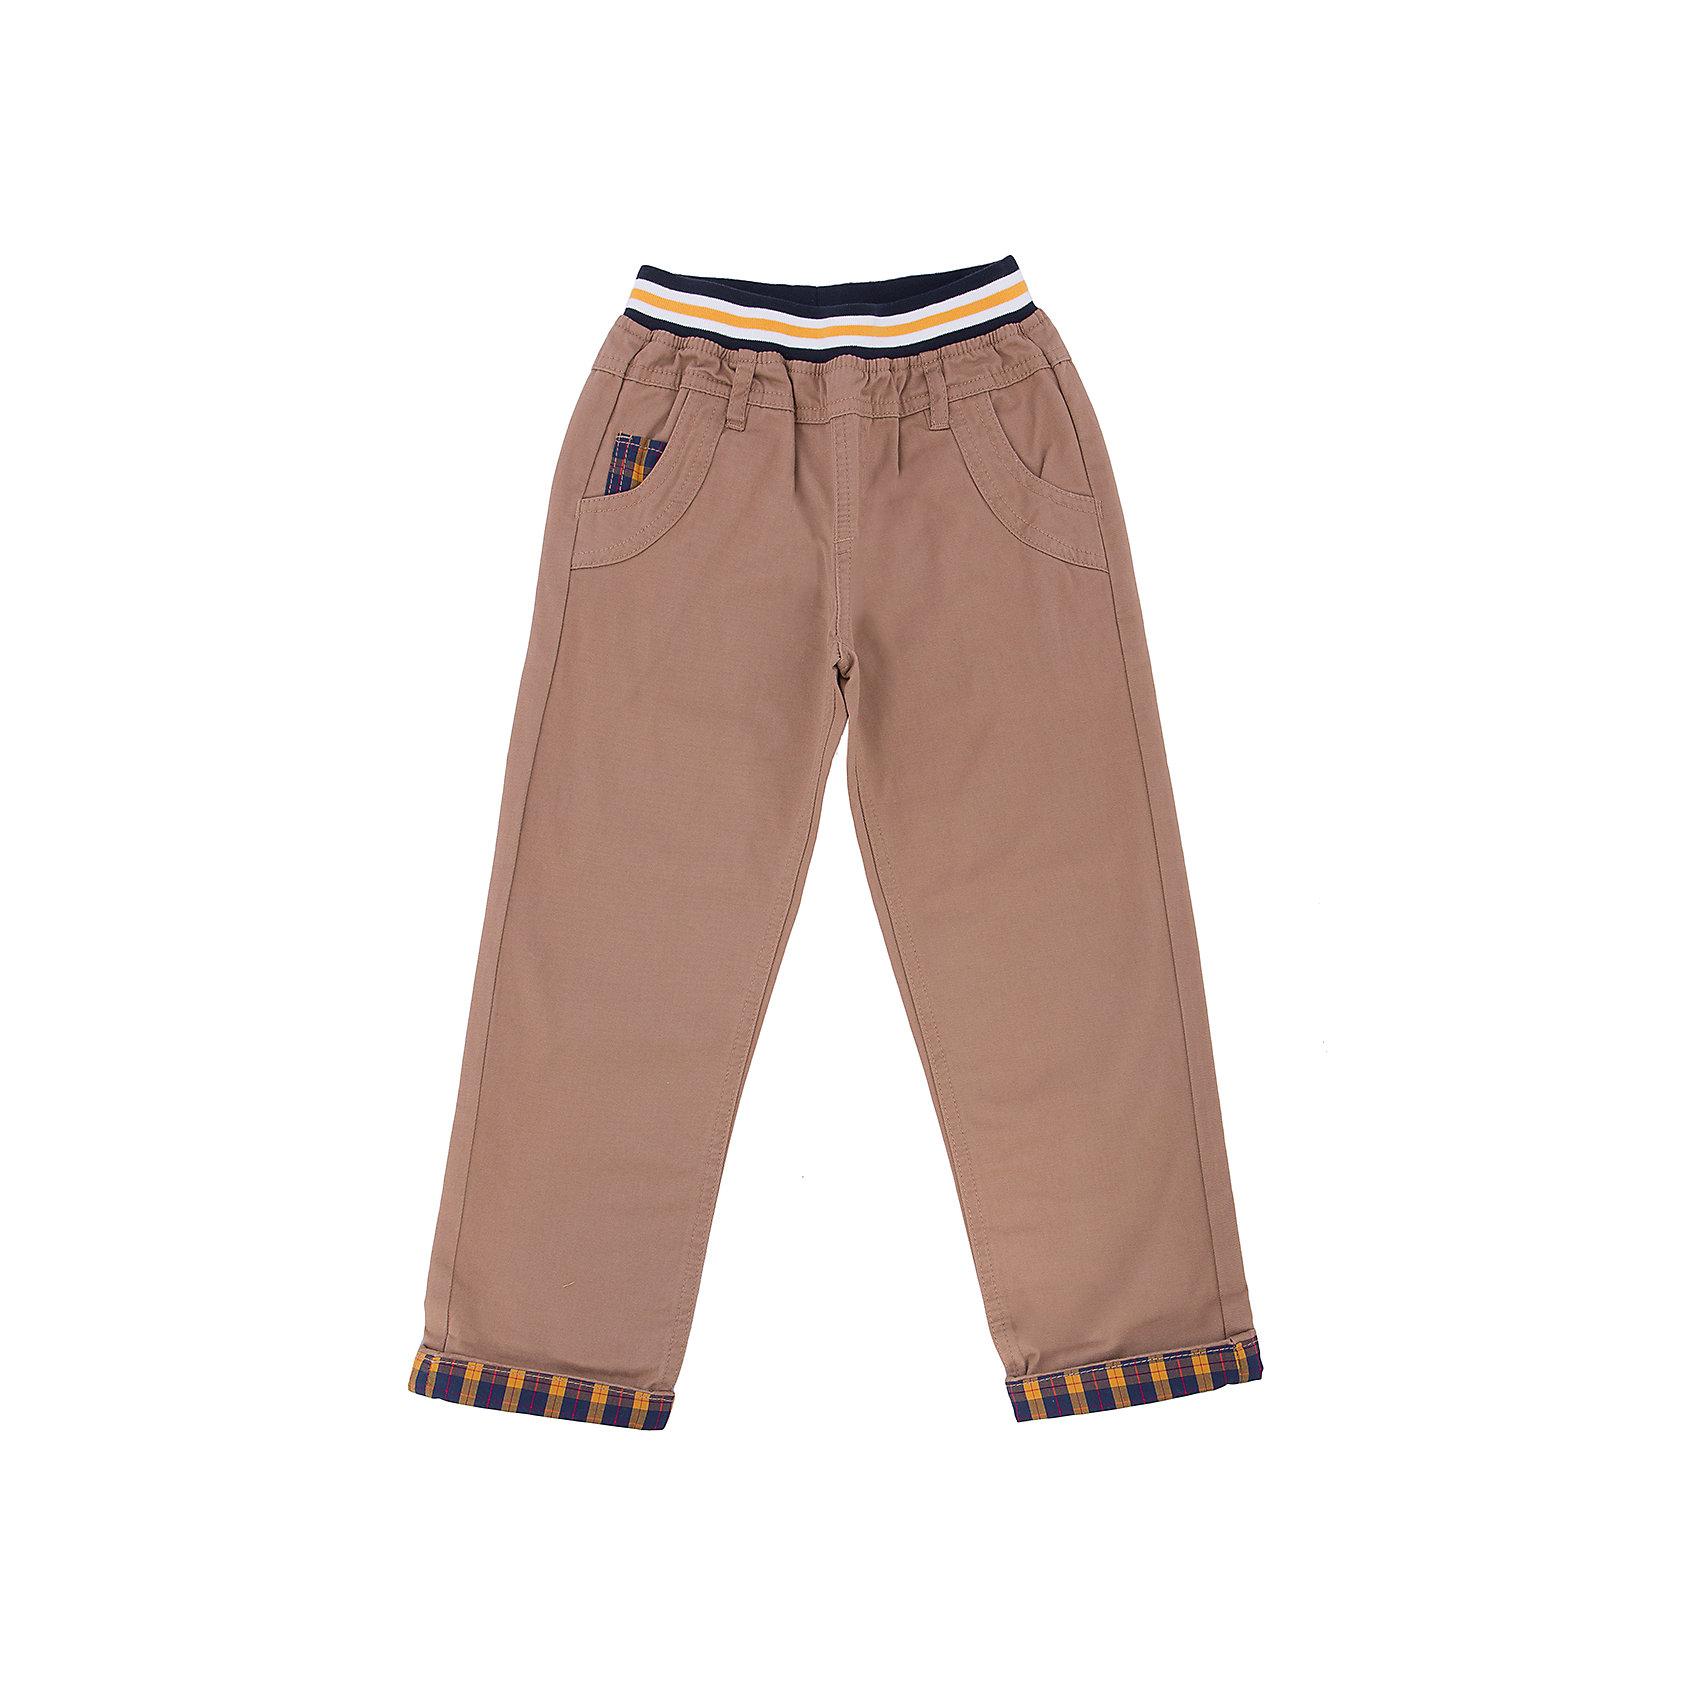 Брюки для мальчика SELAБрюки<br>Брюки для мальчика из коллекции осень-зима 2016-2017 от известного бренда SELA. Стильные брюки на каждый день приятного бежевого цвета из хлопка. Брюки без пуговиц и молний, с модной резикой и с деталями в тон на кармане, подойдут как к рубашкам, так и к футболкам.<br><br>Дополнительная информация:<br>- Силуэт прямой <br><br>Состав: 100% хлопок <br><br>Брюки для мальчиков Sela можно купить в нашем интернет-магазине.<br>.<br>Подробнее:<br>• Для детей в возрасте: от 2 до 6 лет<br>• Номер товара: 4913206<br>Страна производитель: Китай<br><br>Ширина мм: 215<br>Глубина мм: 88<br>Высота мм: 191<br>Вес г: 336<br>Цвет: бежевый<br>Возраст от месяцев: 60<br>Возраст до месяцев: 72<br>Пол: Мужской<br>Возраст: Детский<br>Размер: 116,110,98,104,92<br>SKU: 4913205